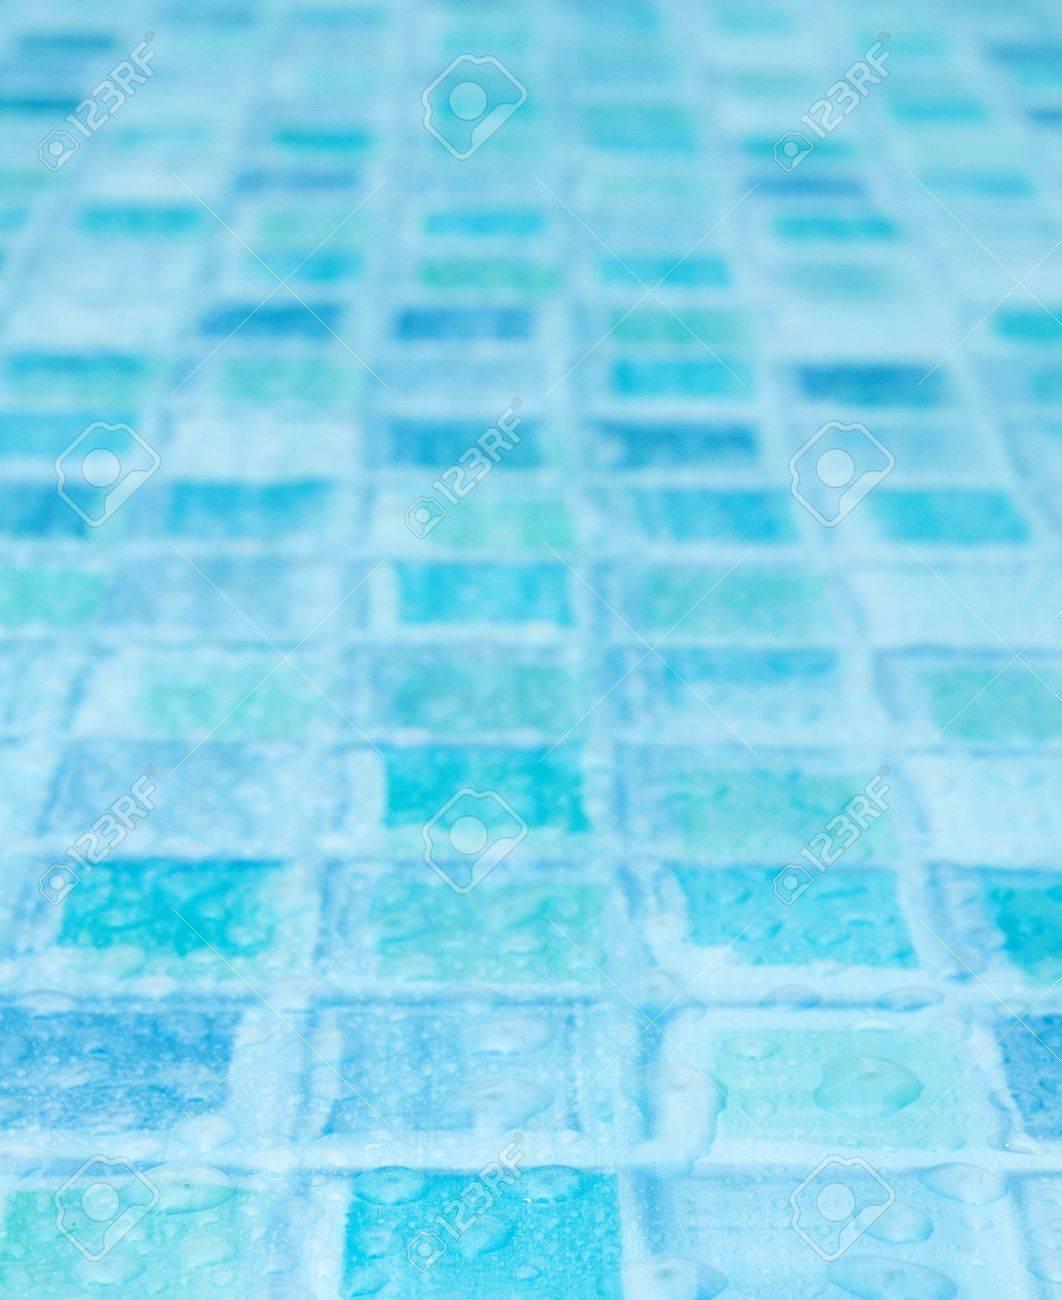 Bagno Con Mattonelle Blu.Piastrelle Blu In Bagno Con Gocce D Acqua Profondita Di Campo